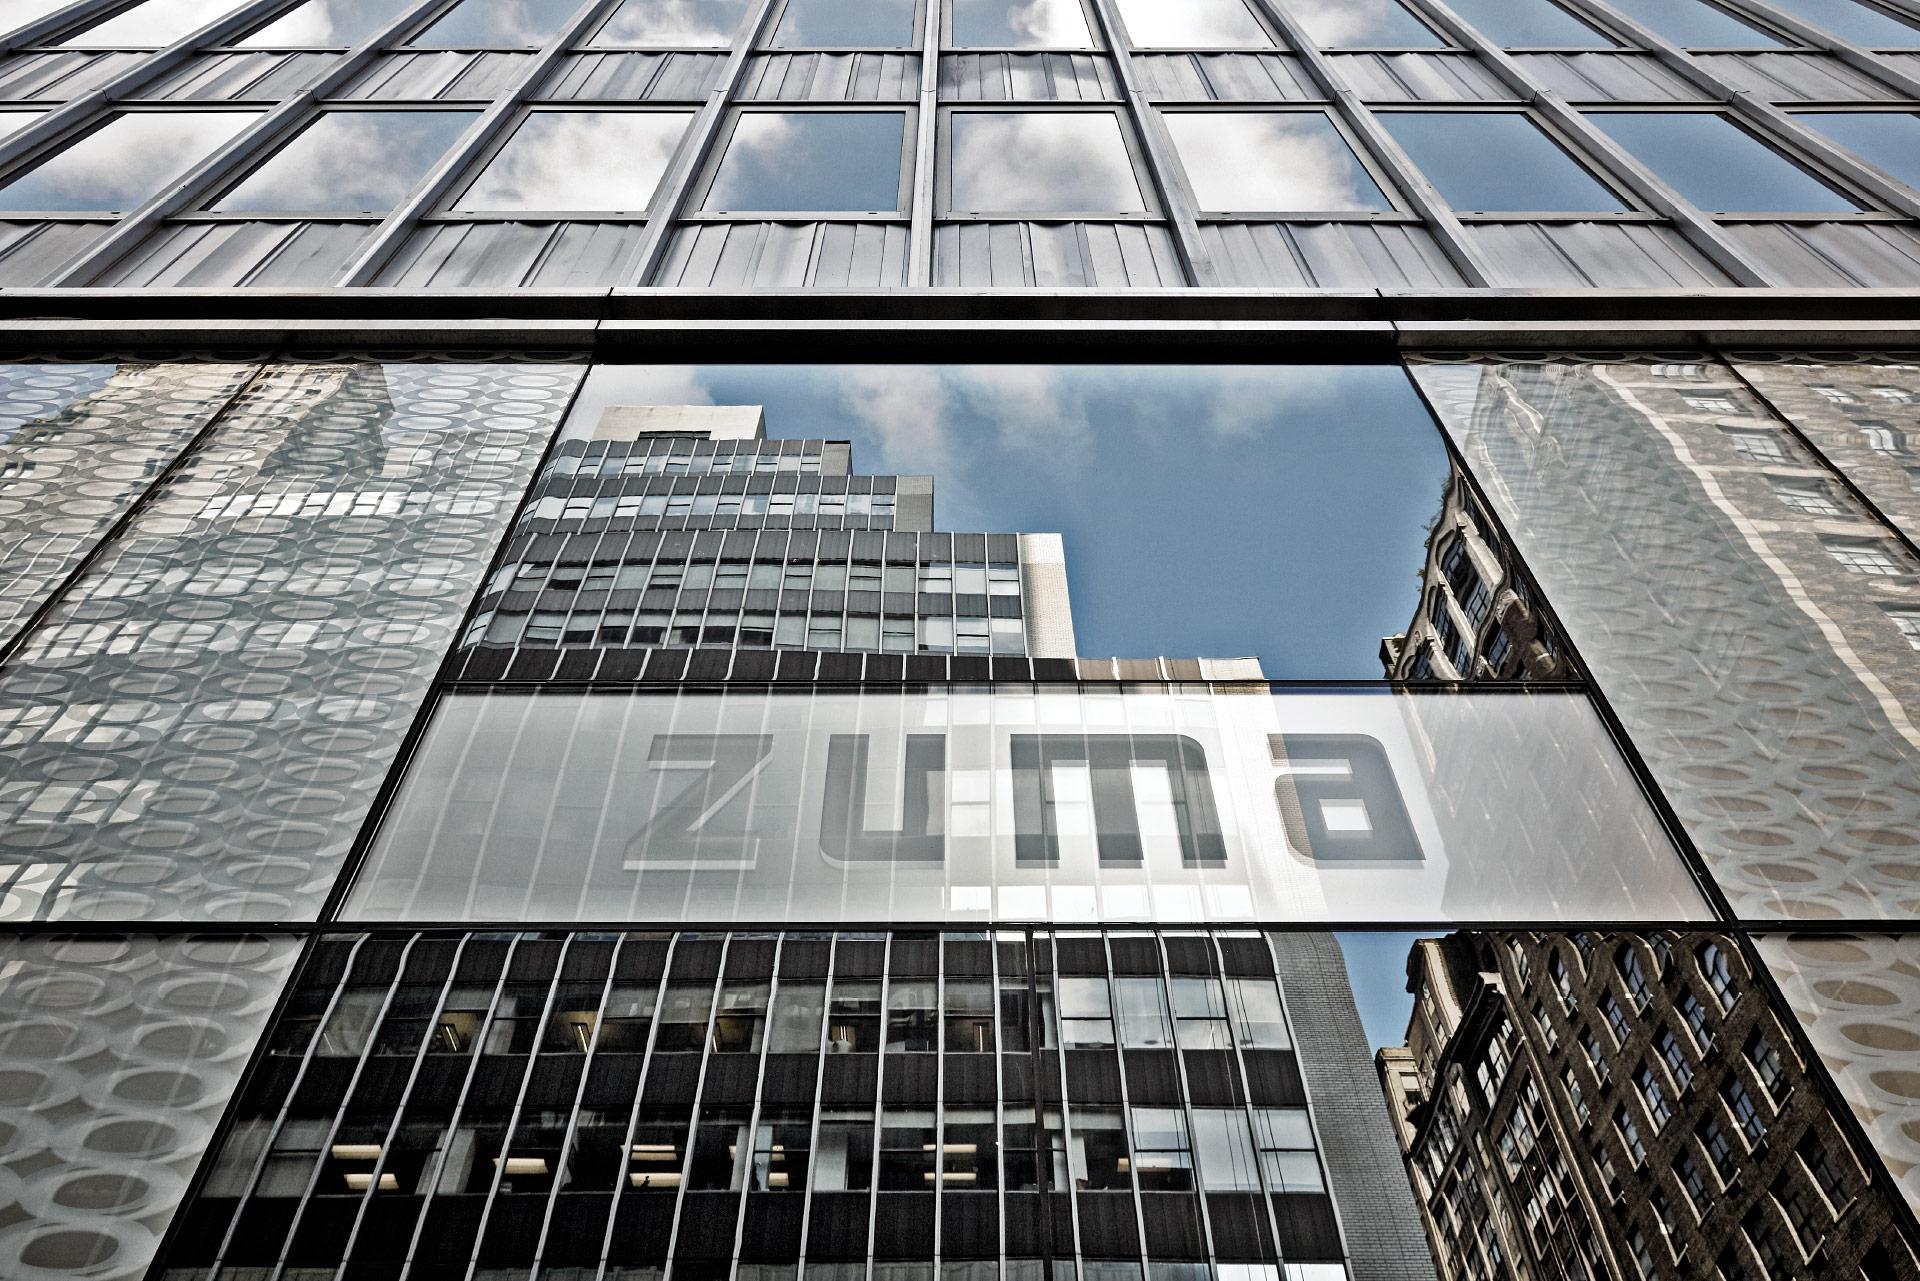 Contenproduktion Zuma New York Fassade 2